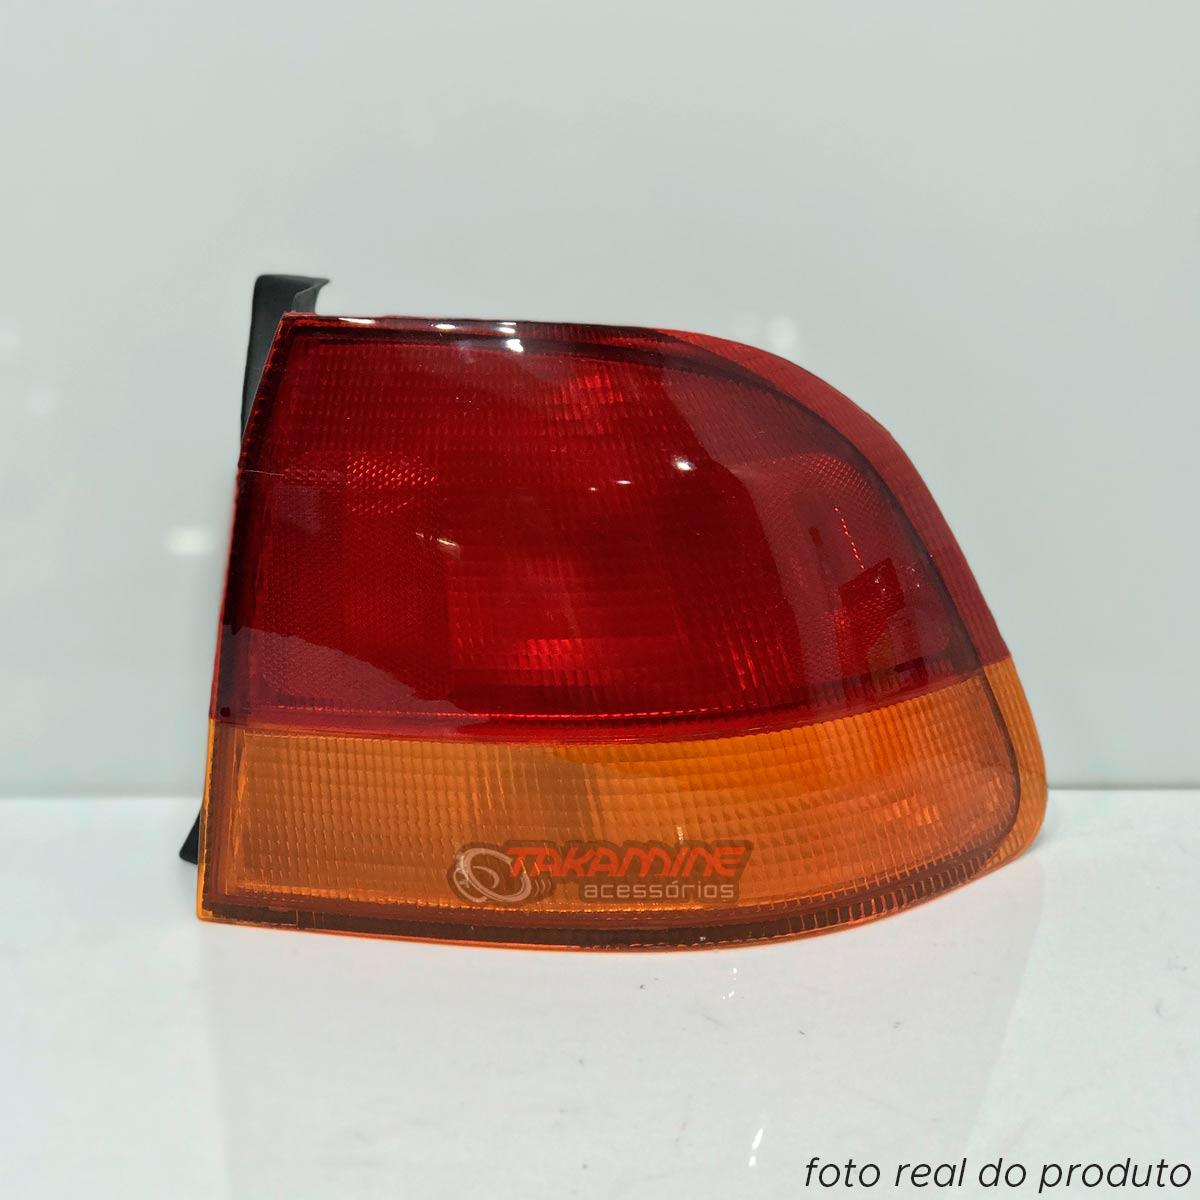 Lanterna traseira Civic 1996 1997 1998 bicolor LD